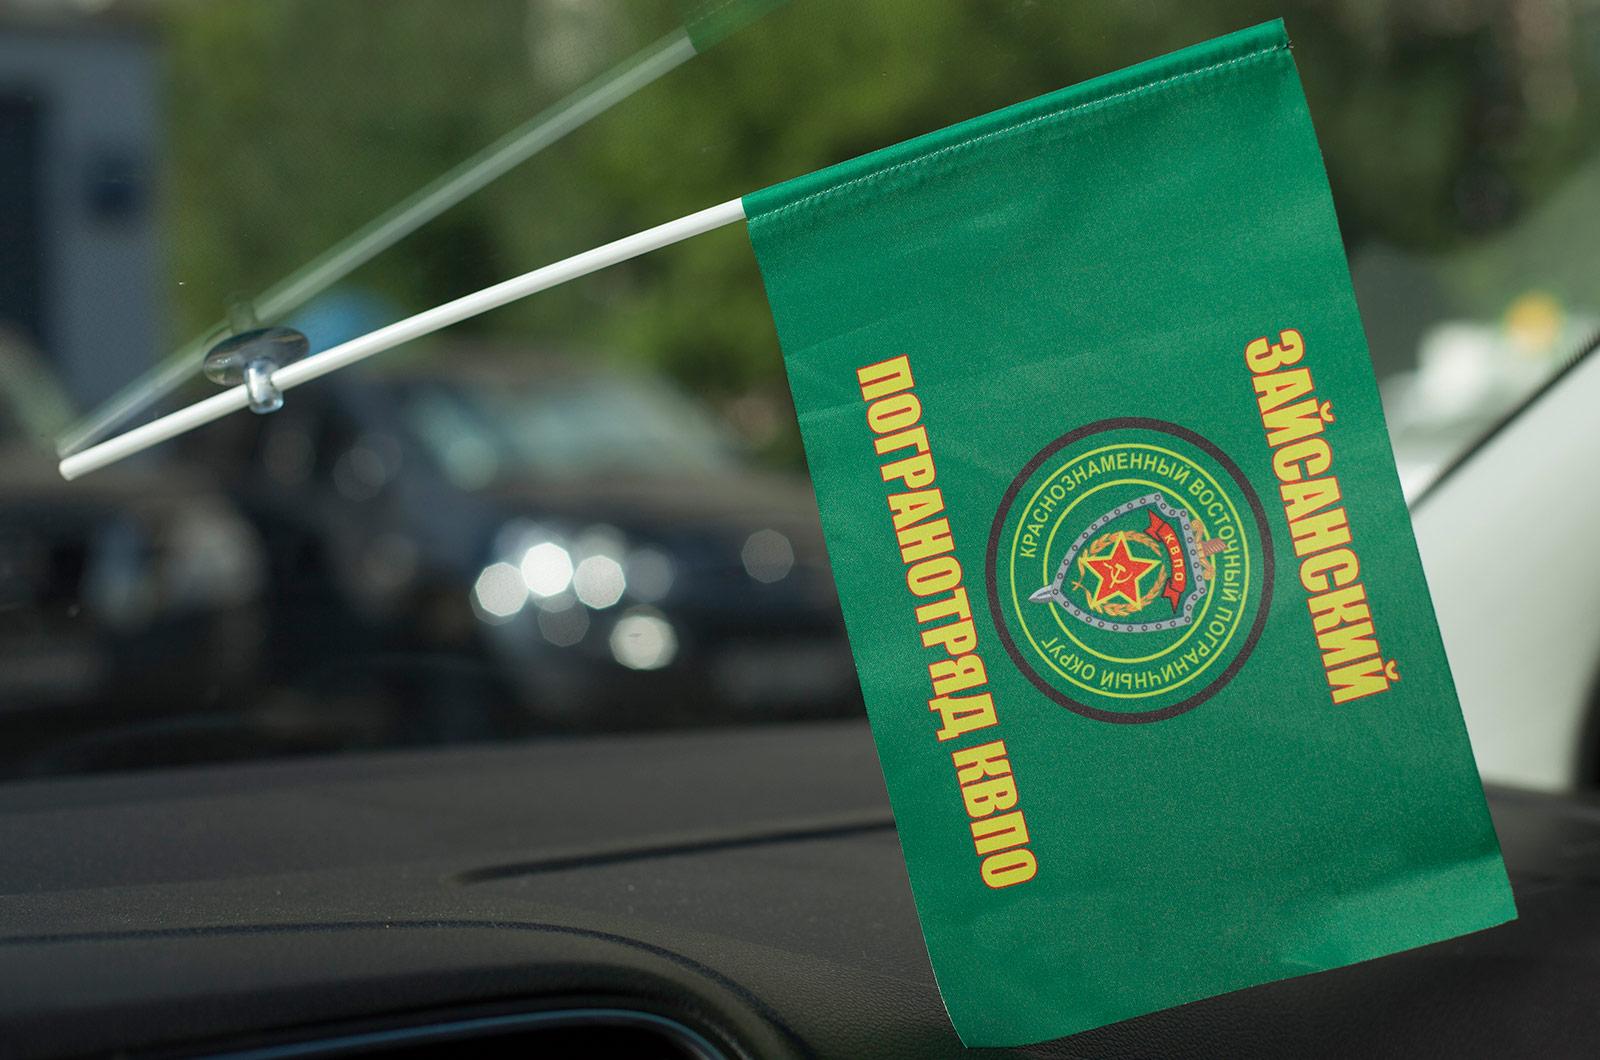 Флажок в машину «Зайсанский пограничный отряд»